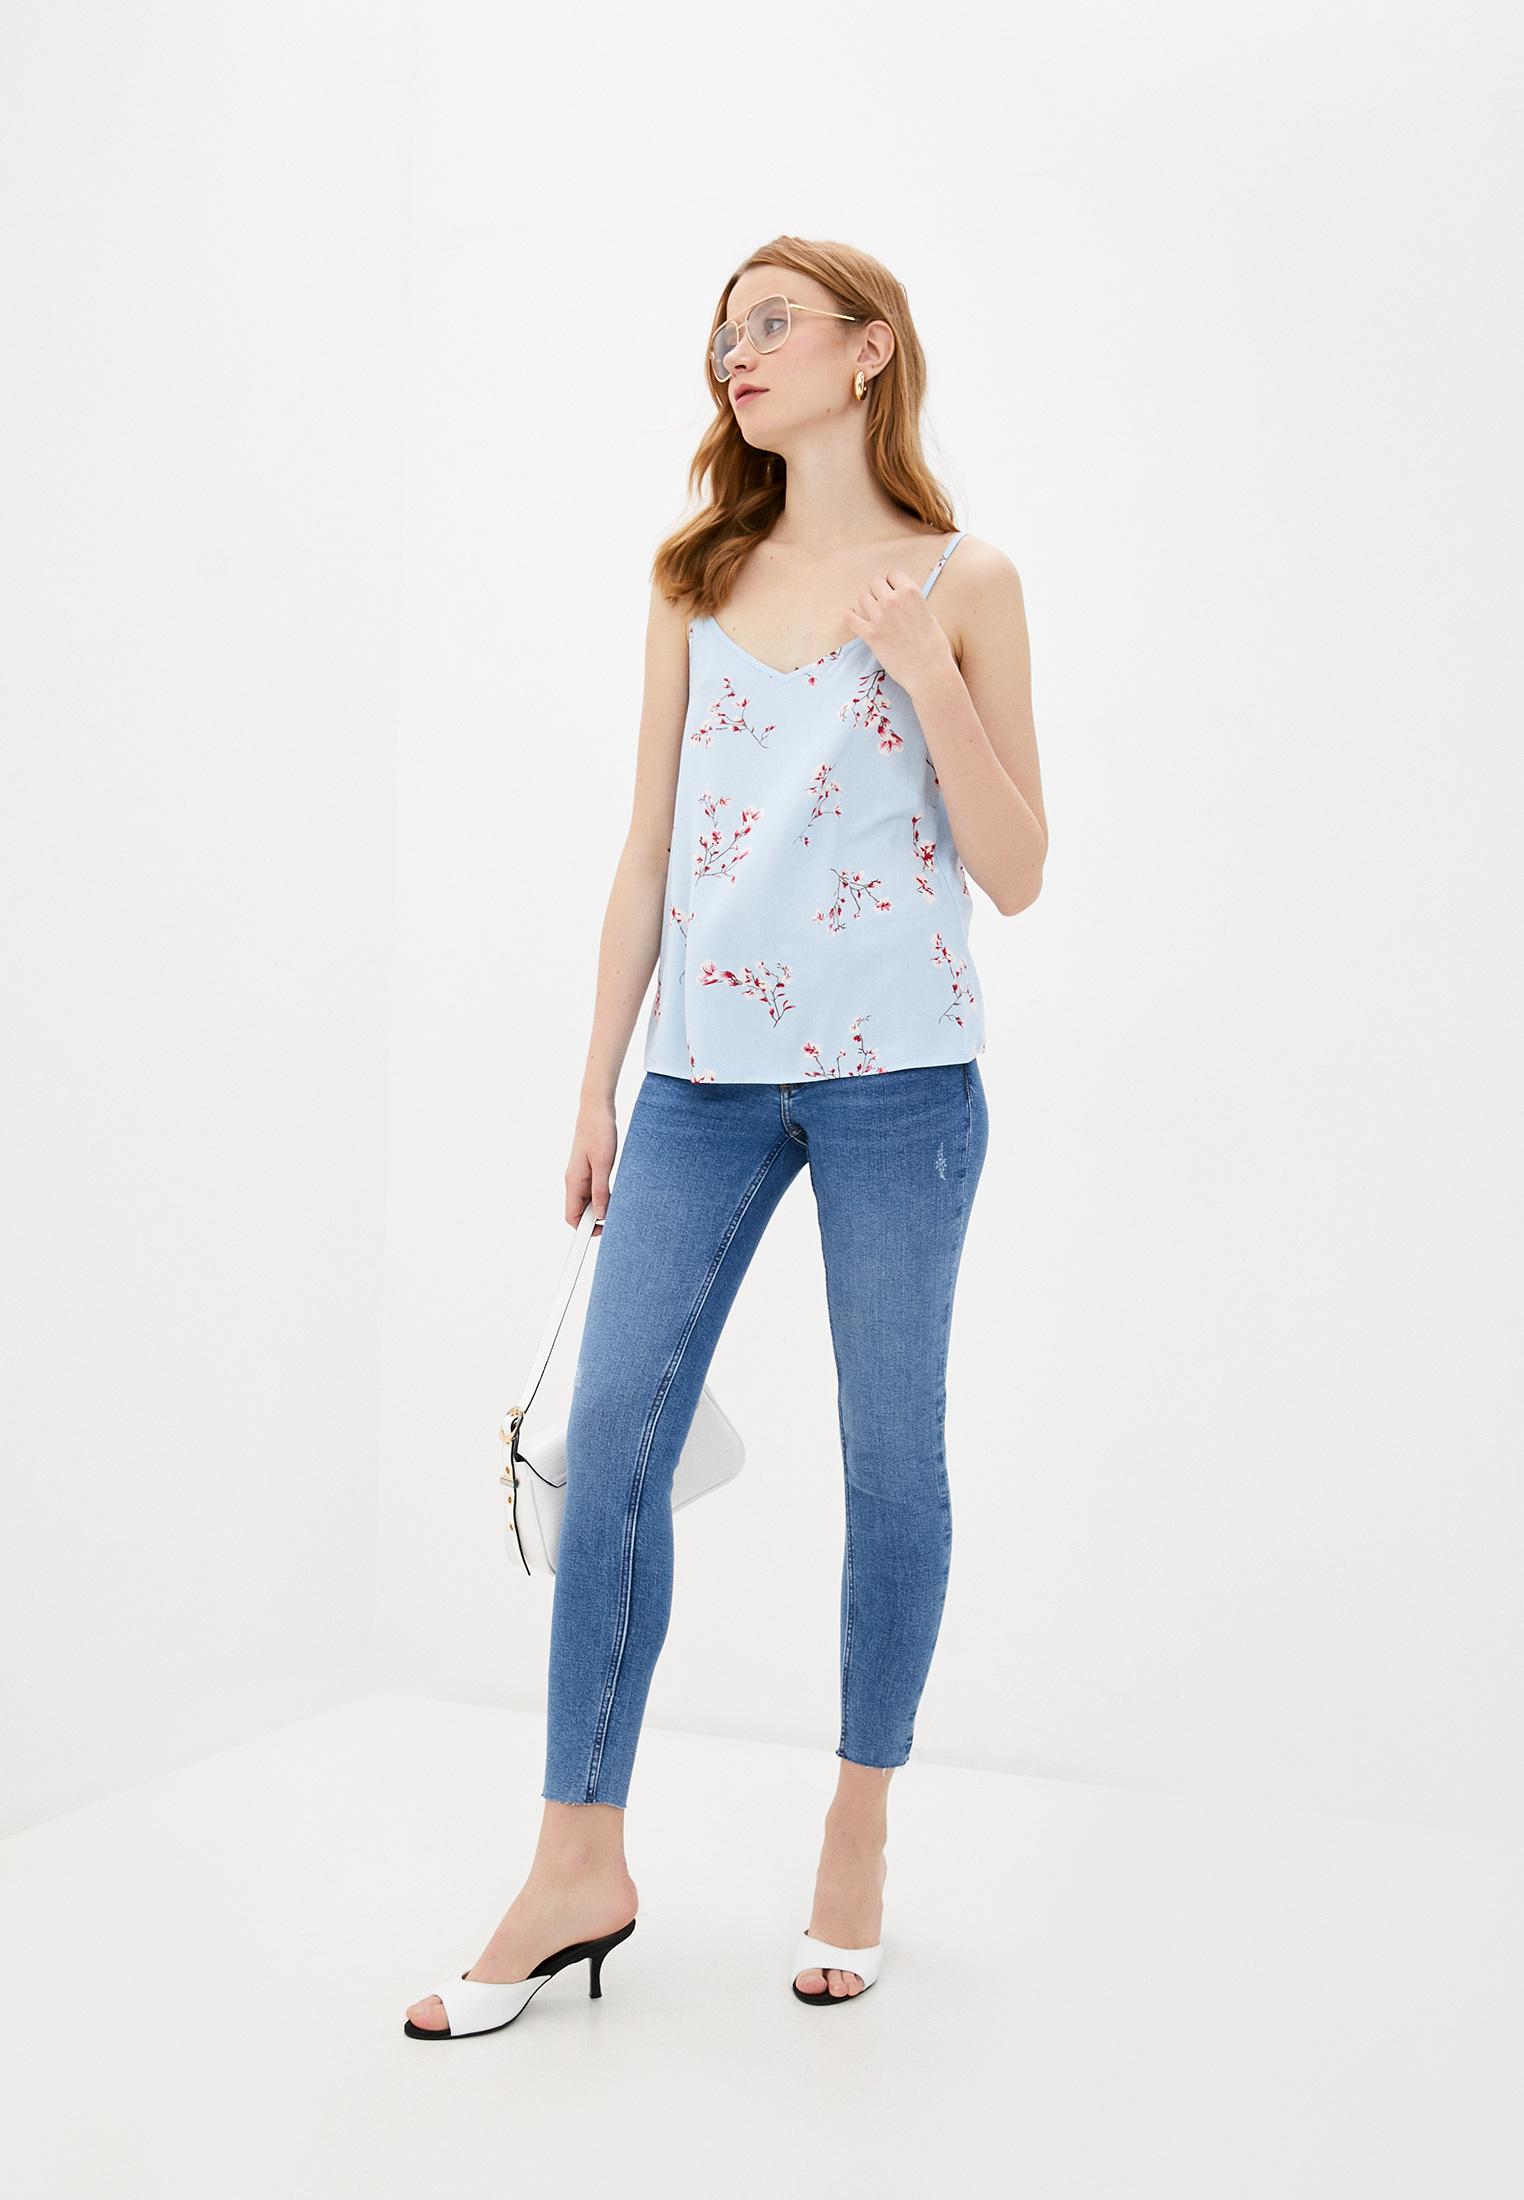 Зауженные джинсы Q/S designed by 510.10.003.26.180.2006098: изображение 2